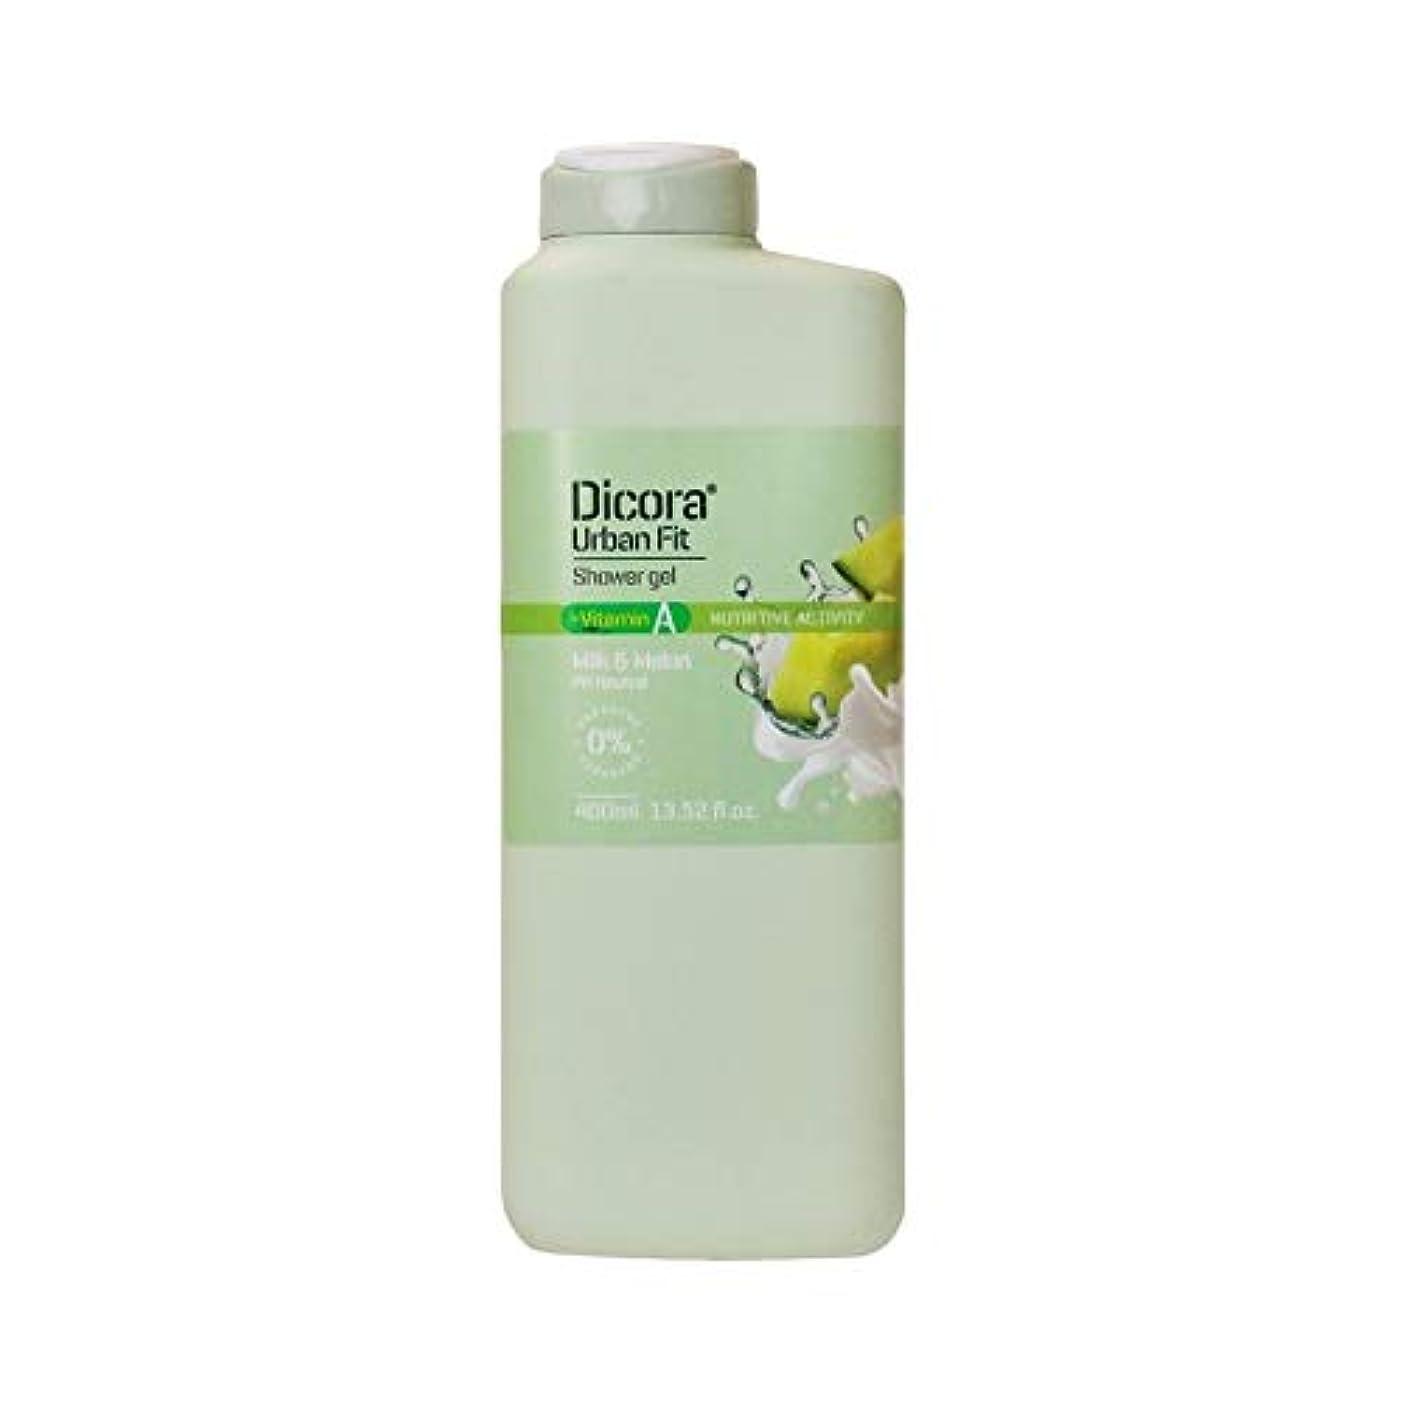 ロープバイアス城Dicora(ディコラ) ディコラ アーバンフィット シャワージェル MK&ML 400ml ボディソープ ミルク & メロンの香り